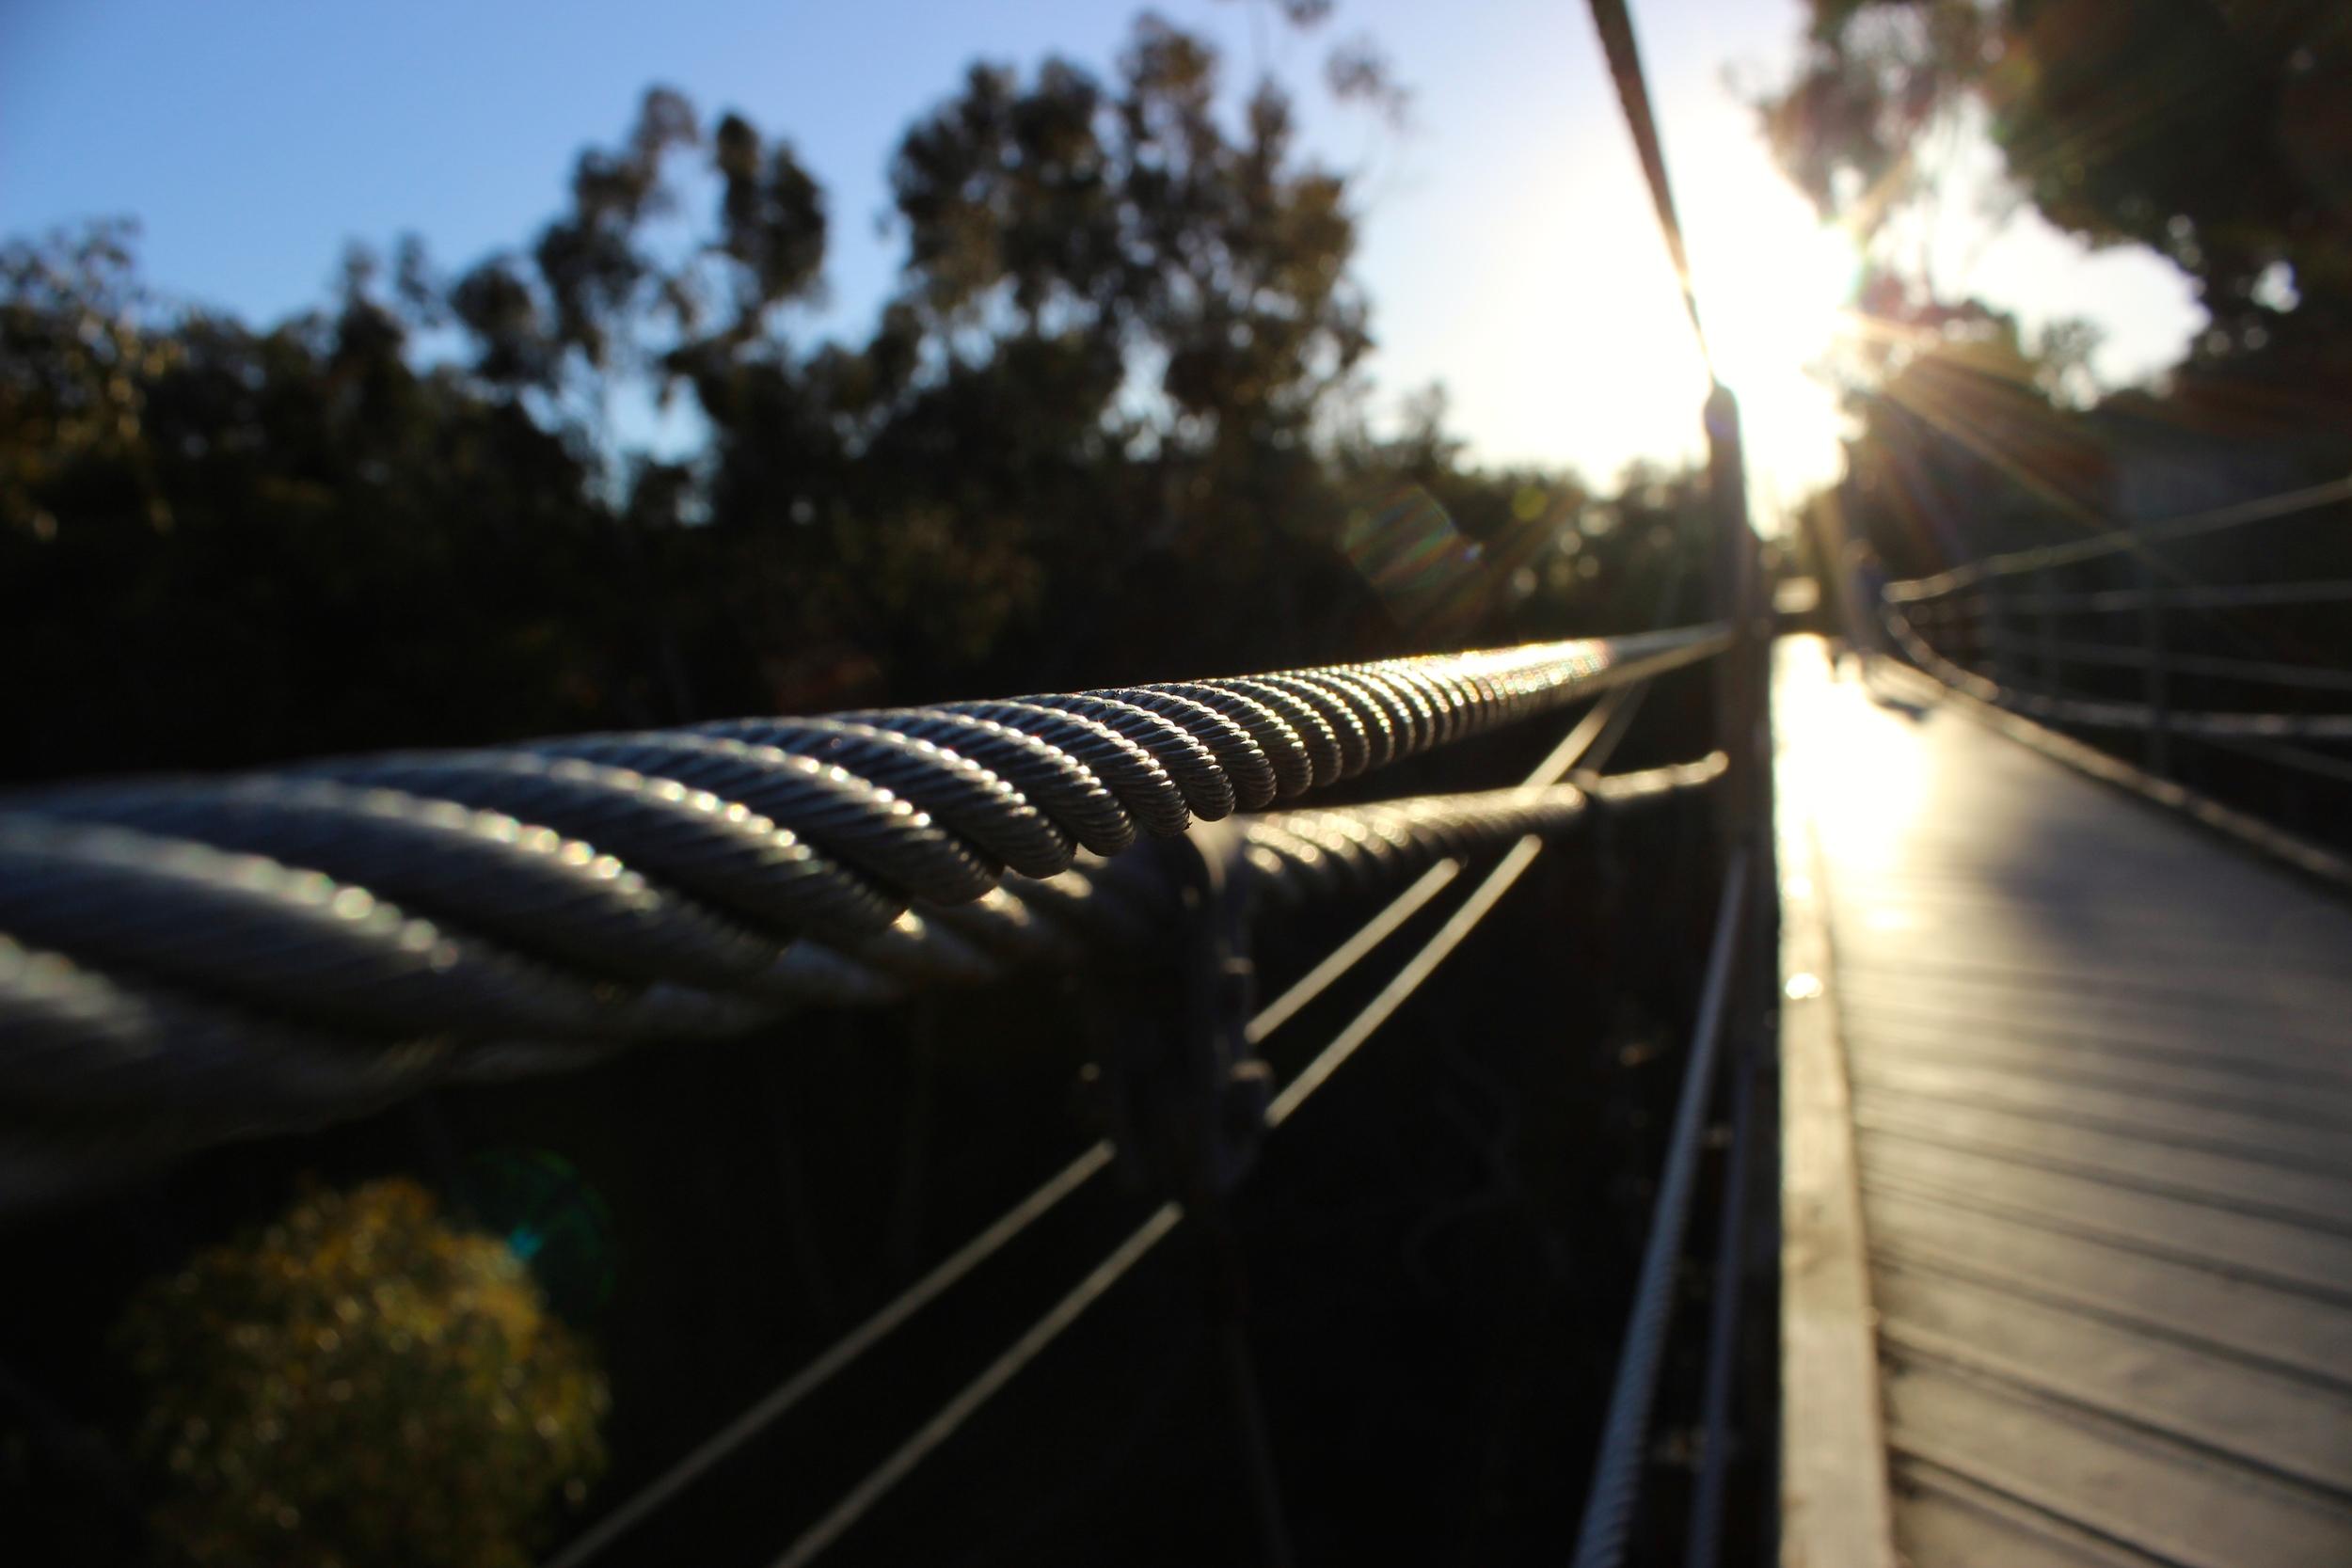 GLIMPSE OF SUSPENSION BRIDGE